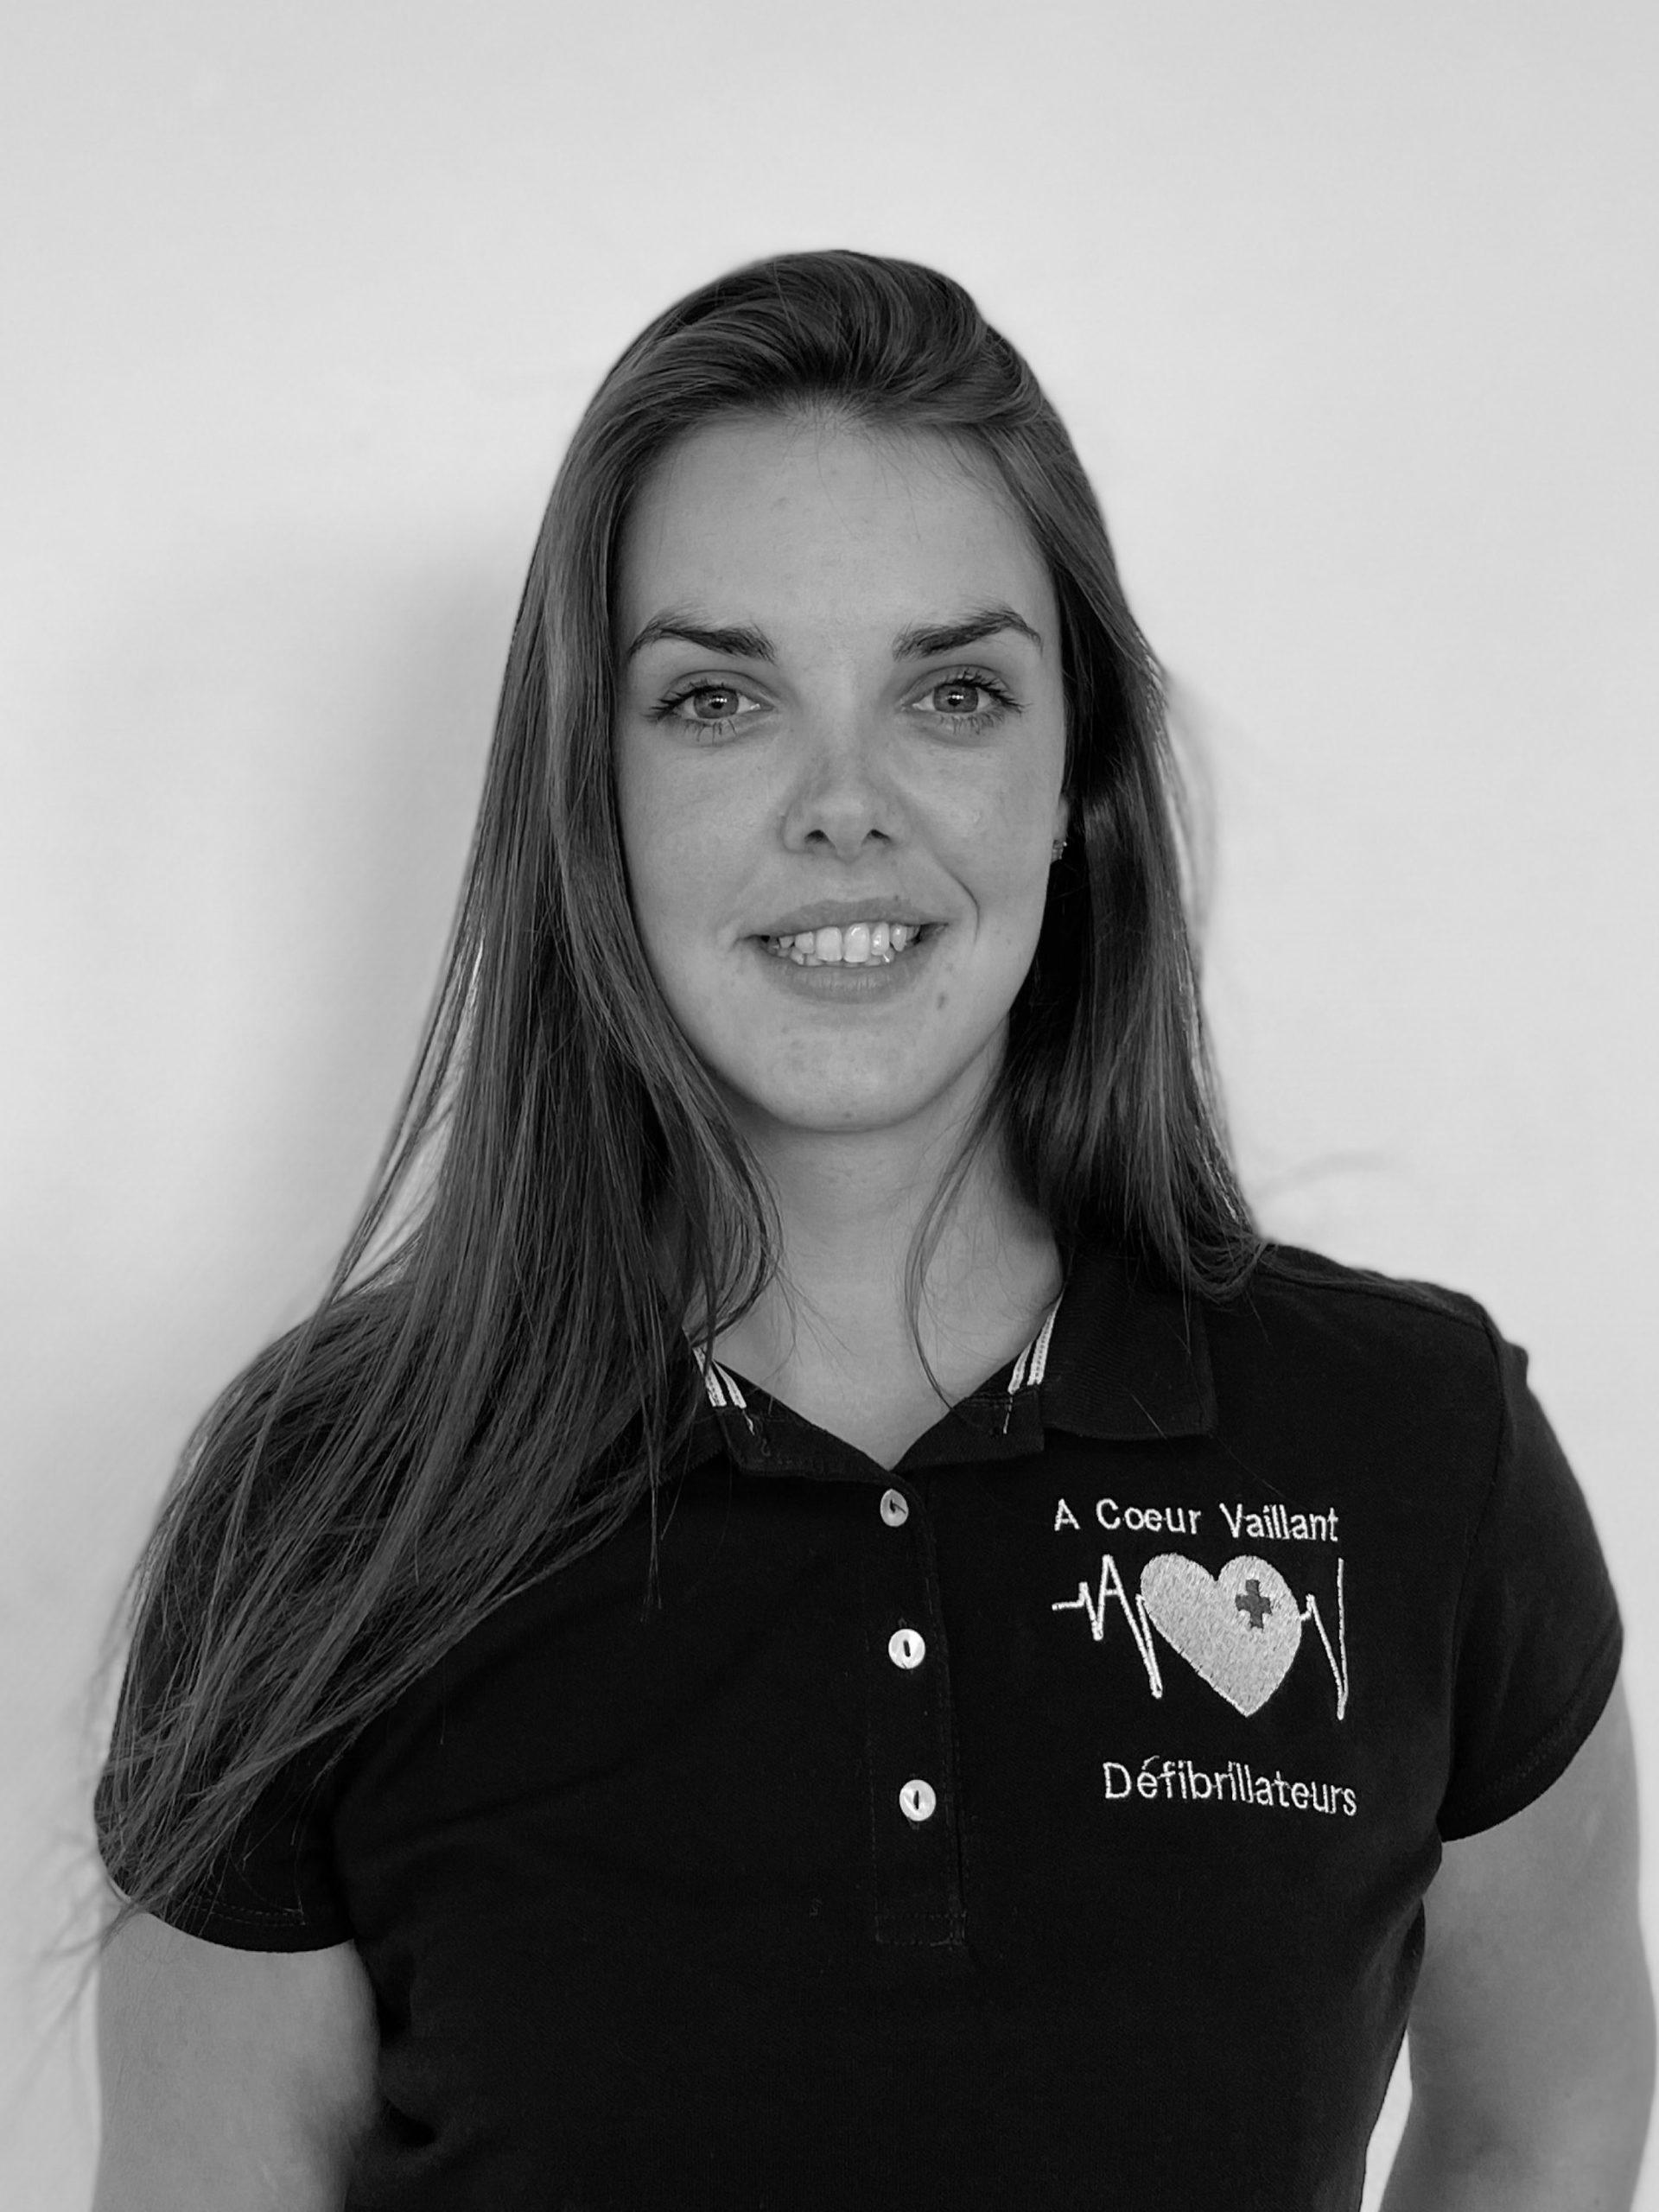 Warenne Renard - Technicienne Conseil Formatrice Photo - A Coeur Vaillant Défibrillateurs